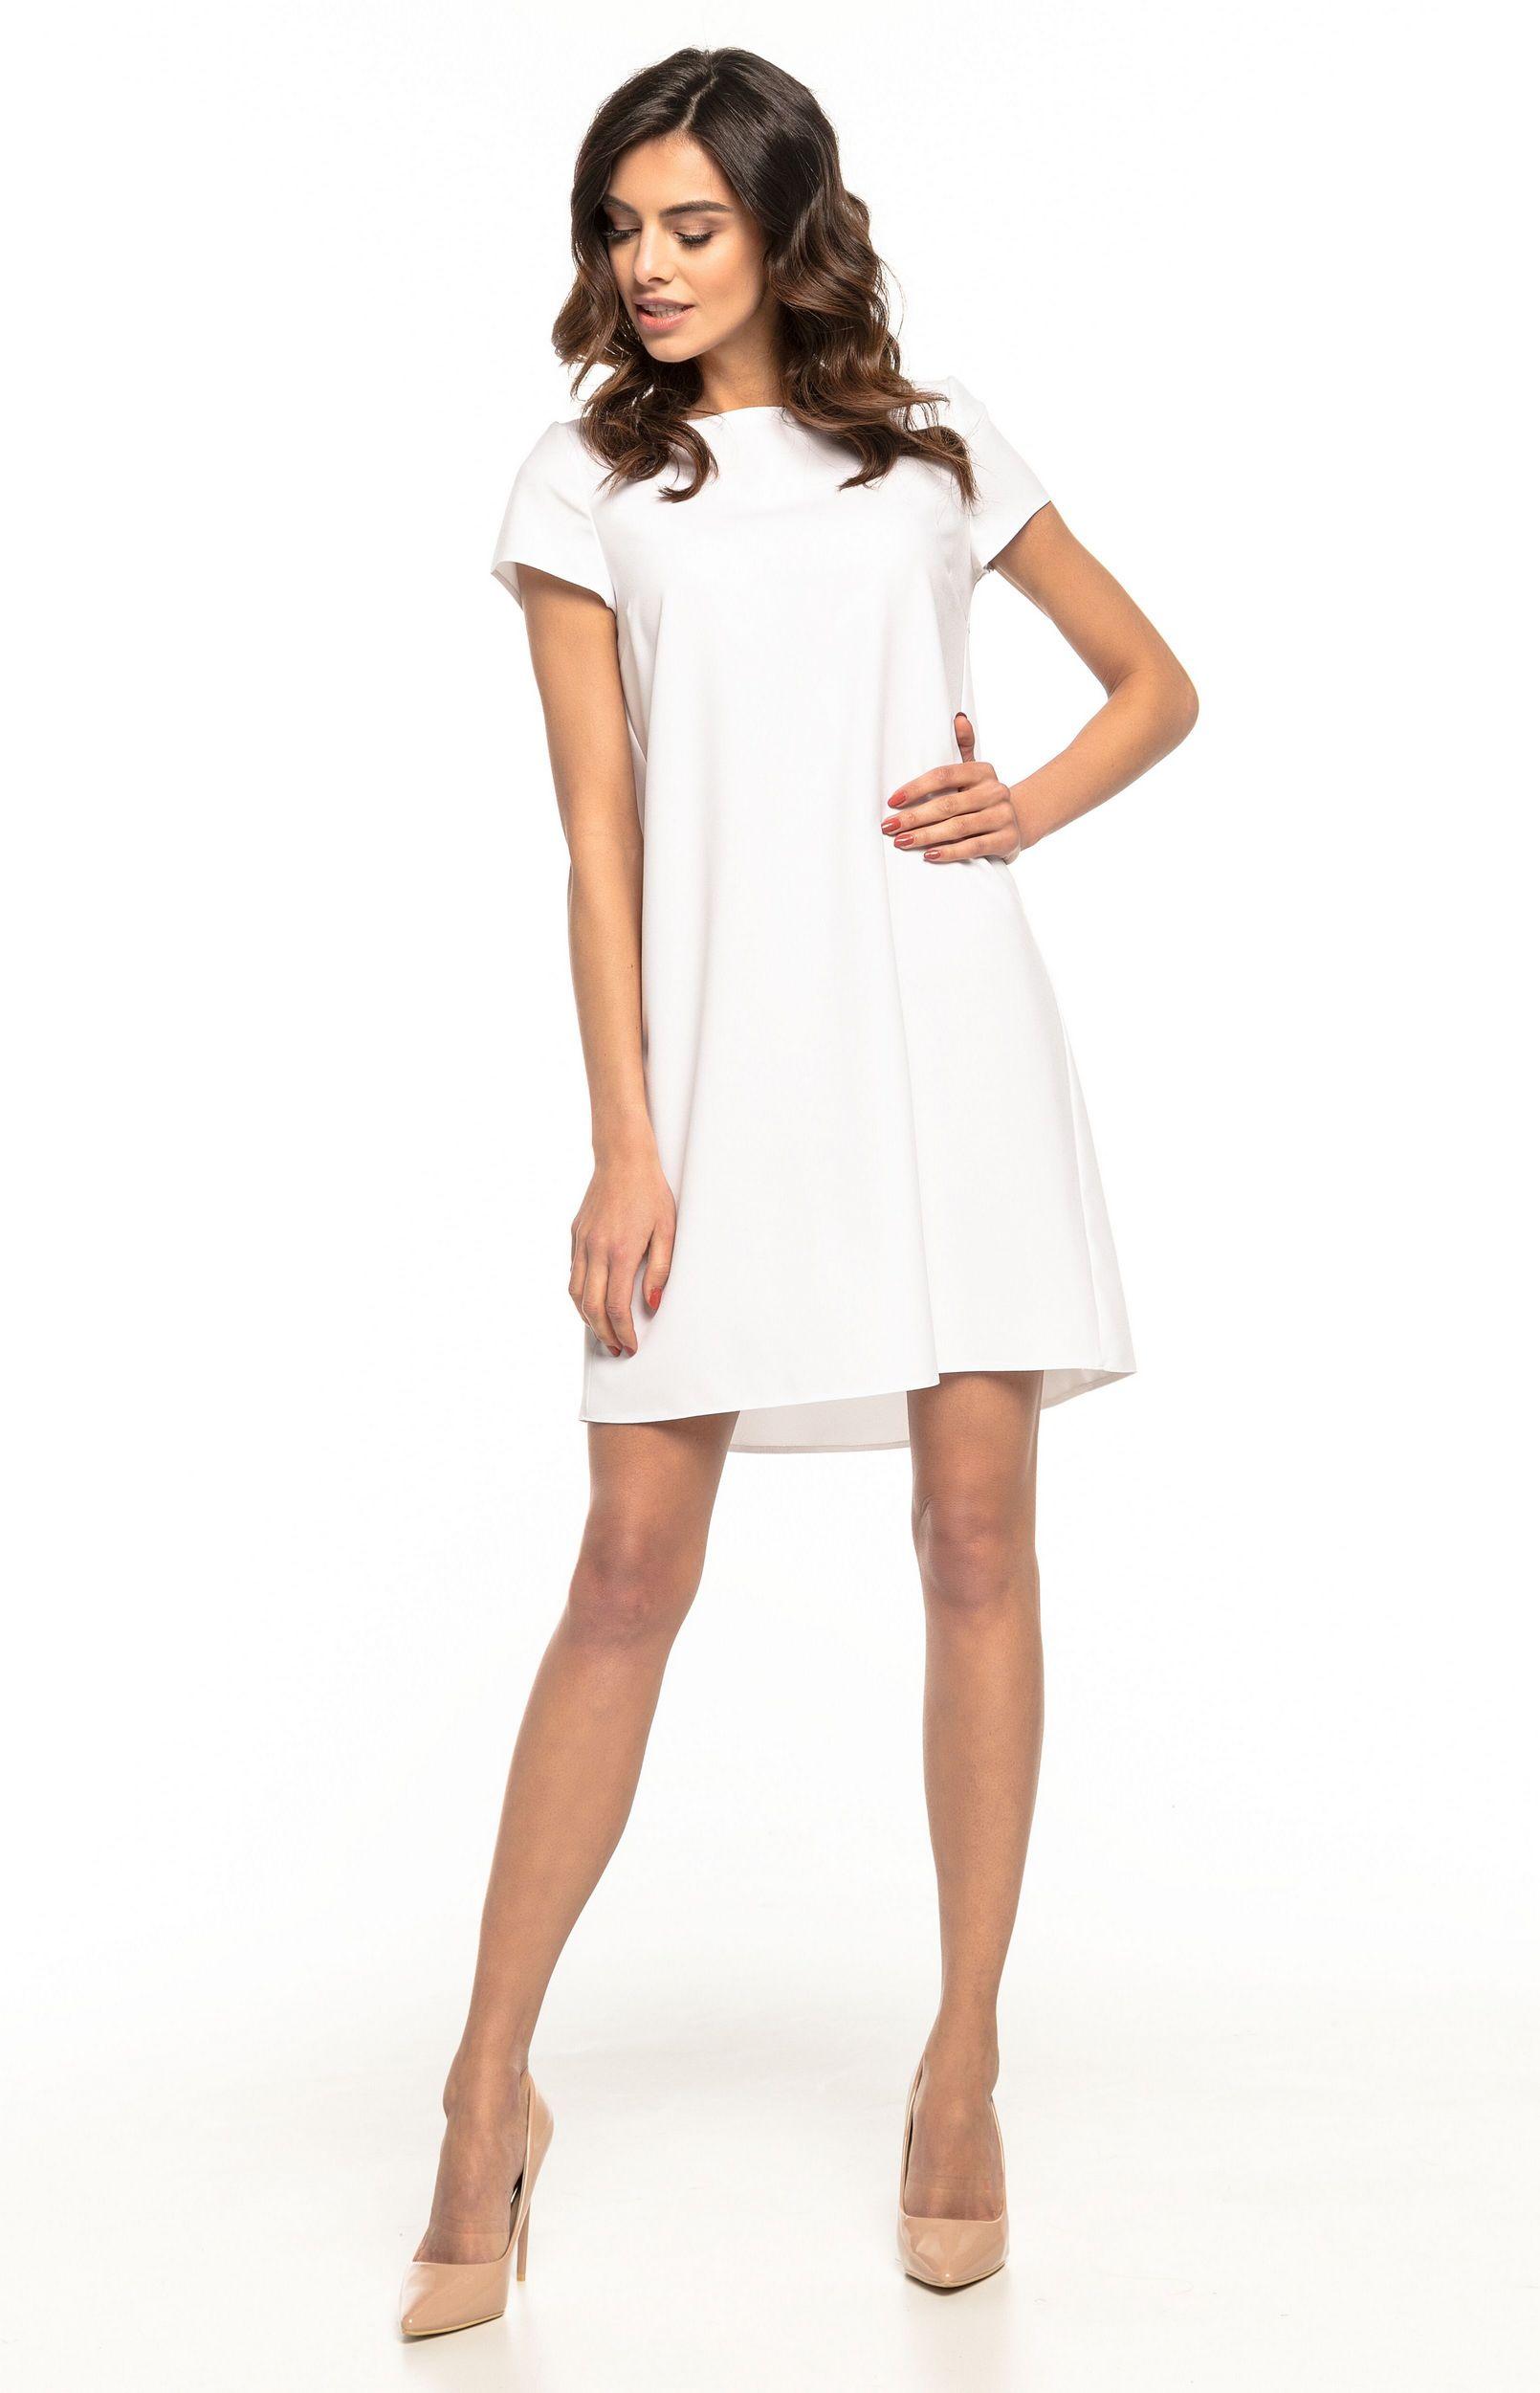 Robe Ample Courte Blanche Tess T261w Idresstocode Boutique De Deshabilles Et Nuisettes Robes Et Jupes